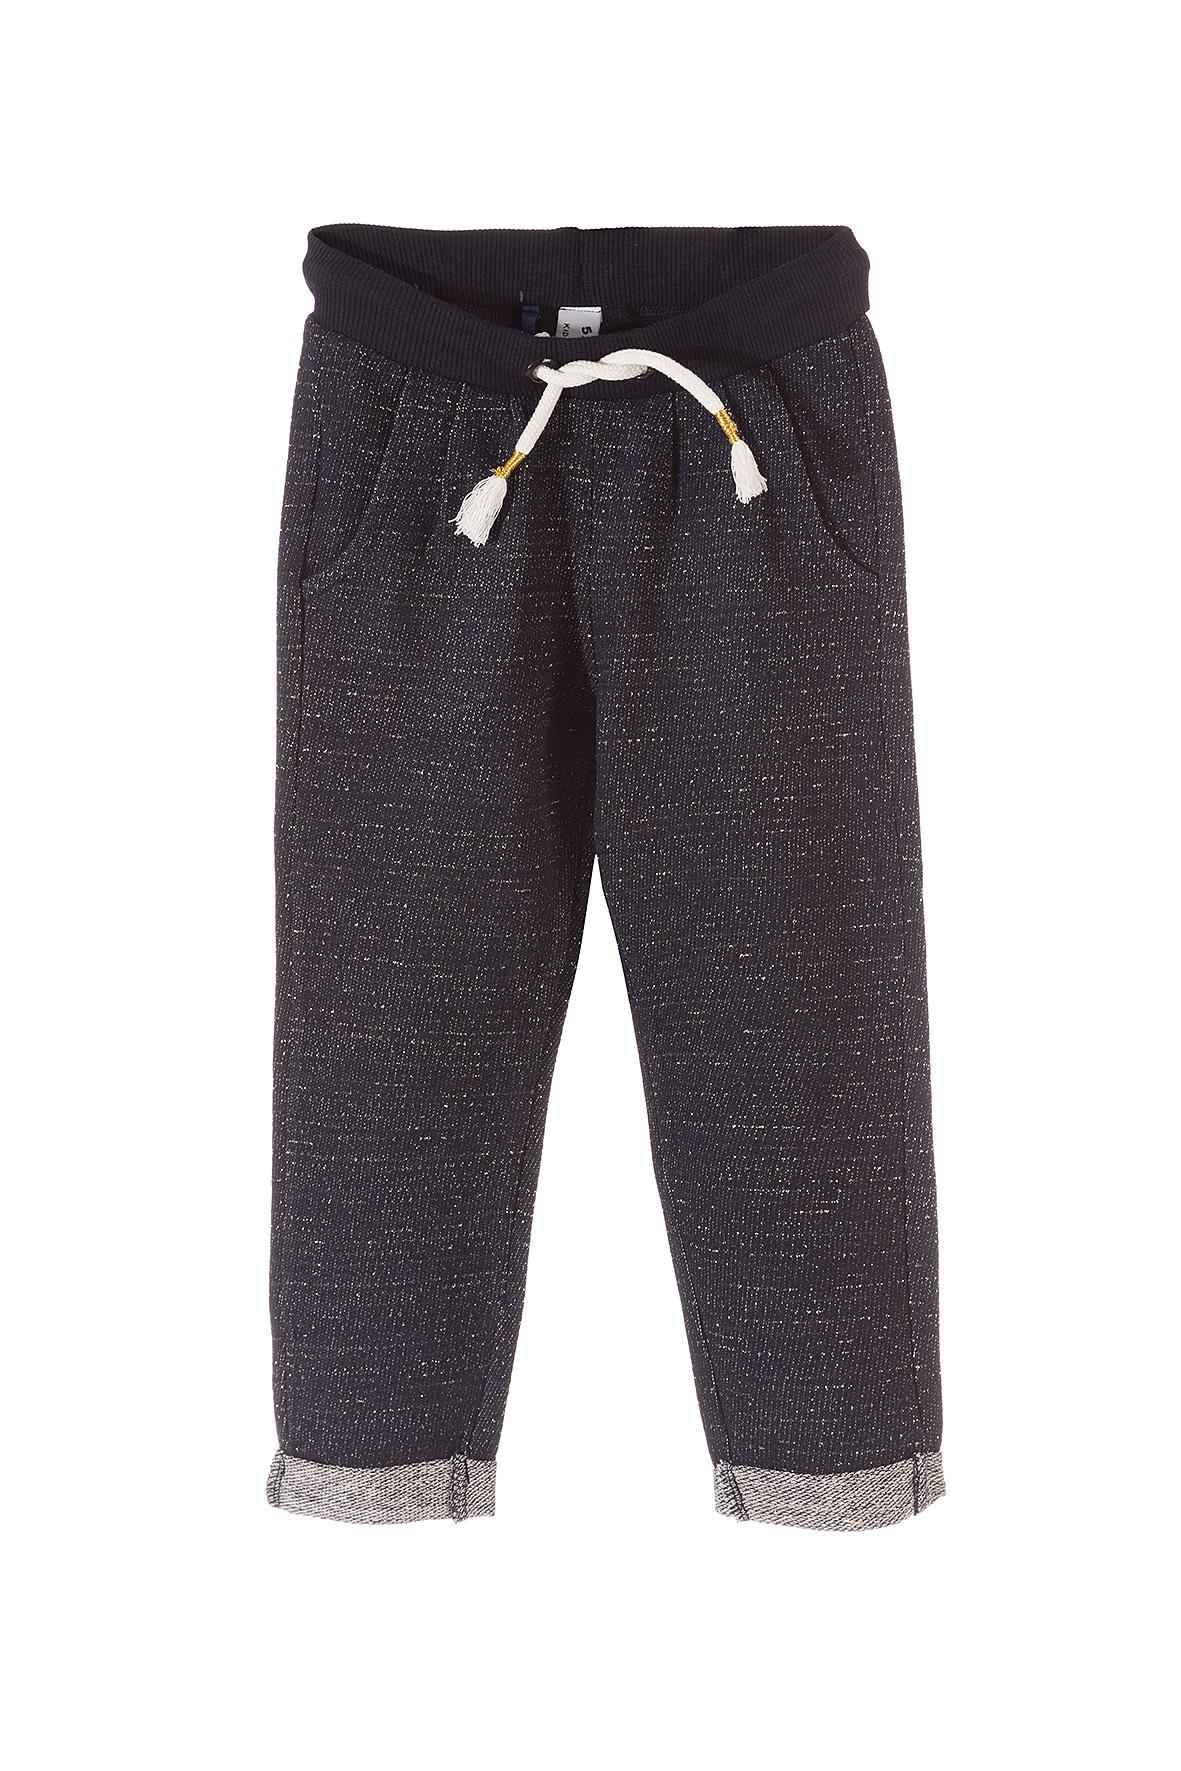 Spodnie dziewczęce dresowe 3M3526